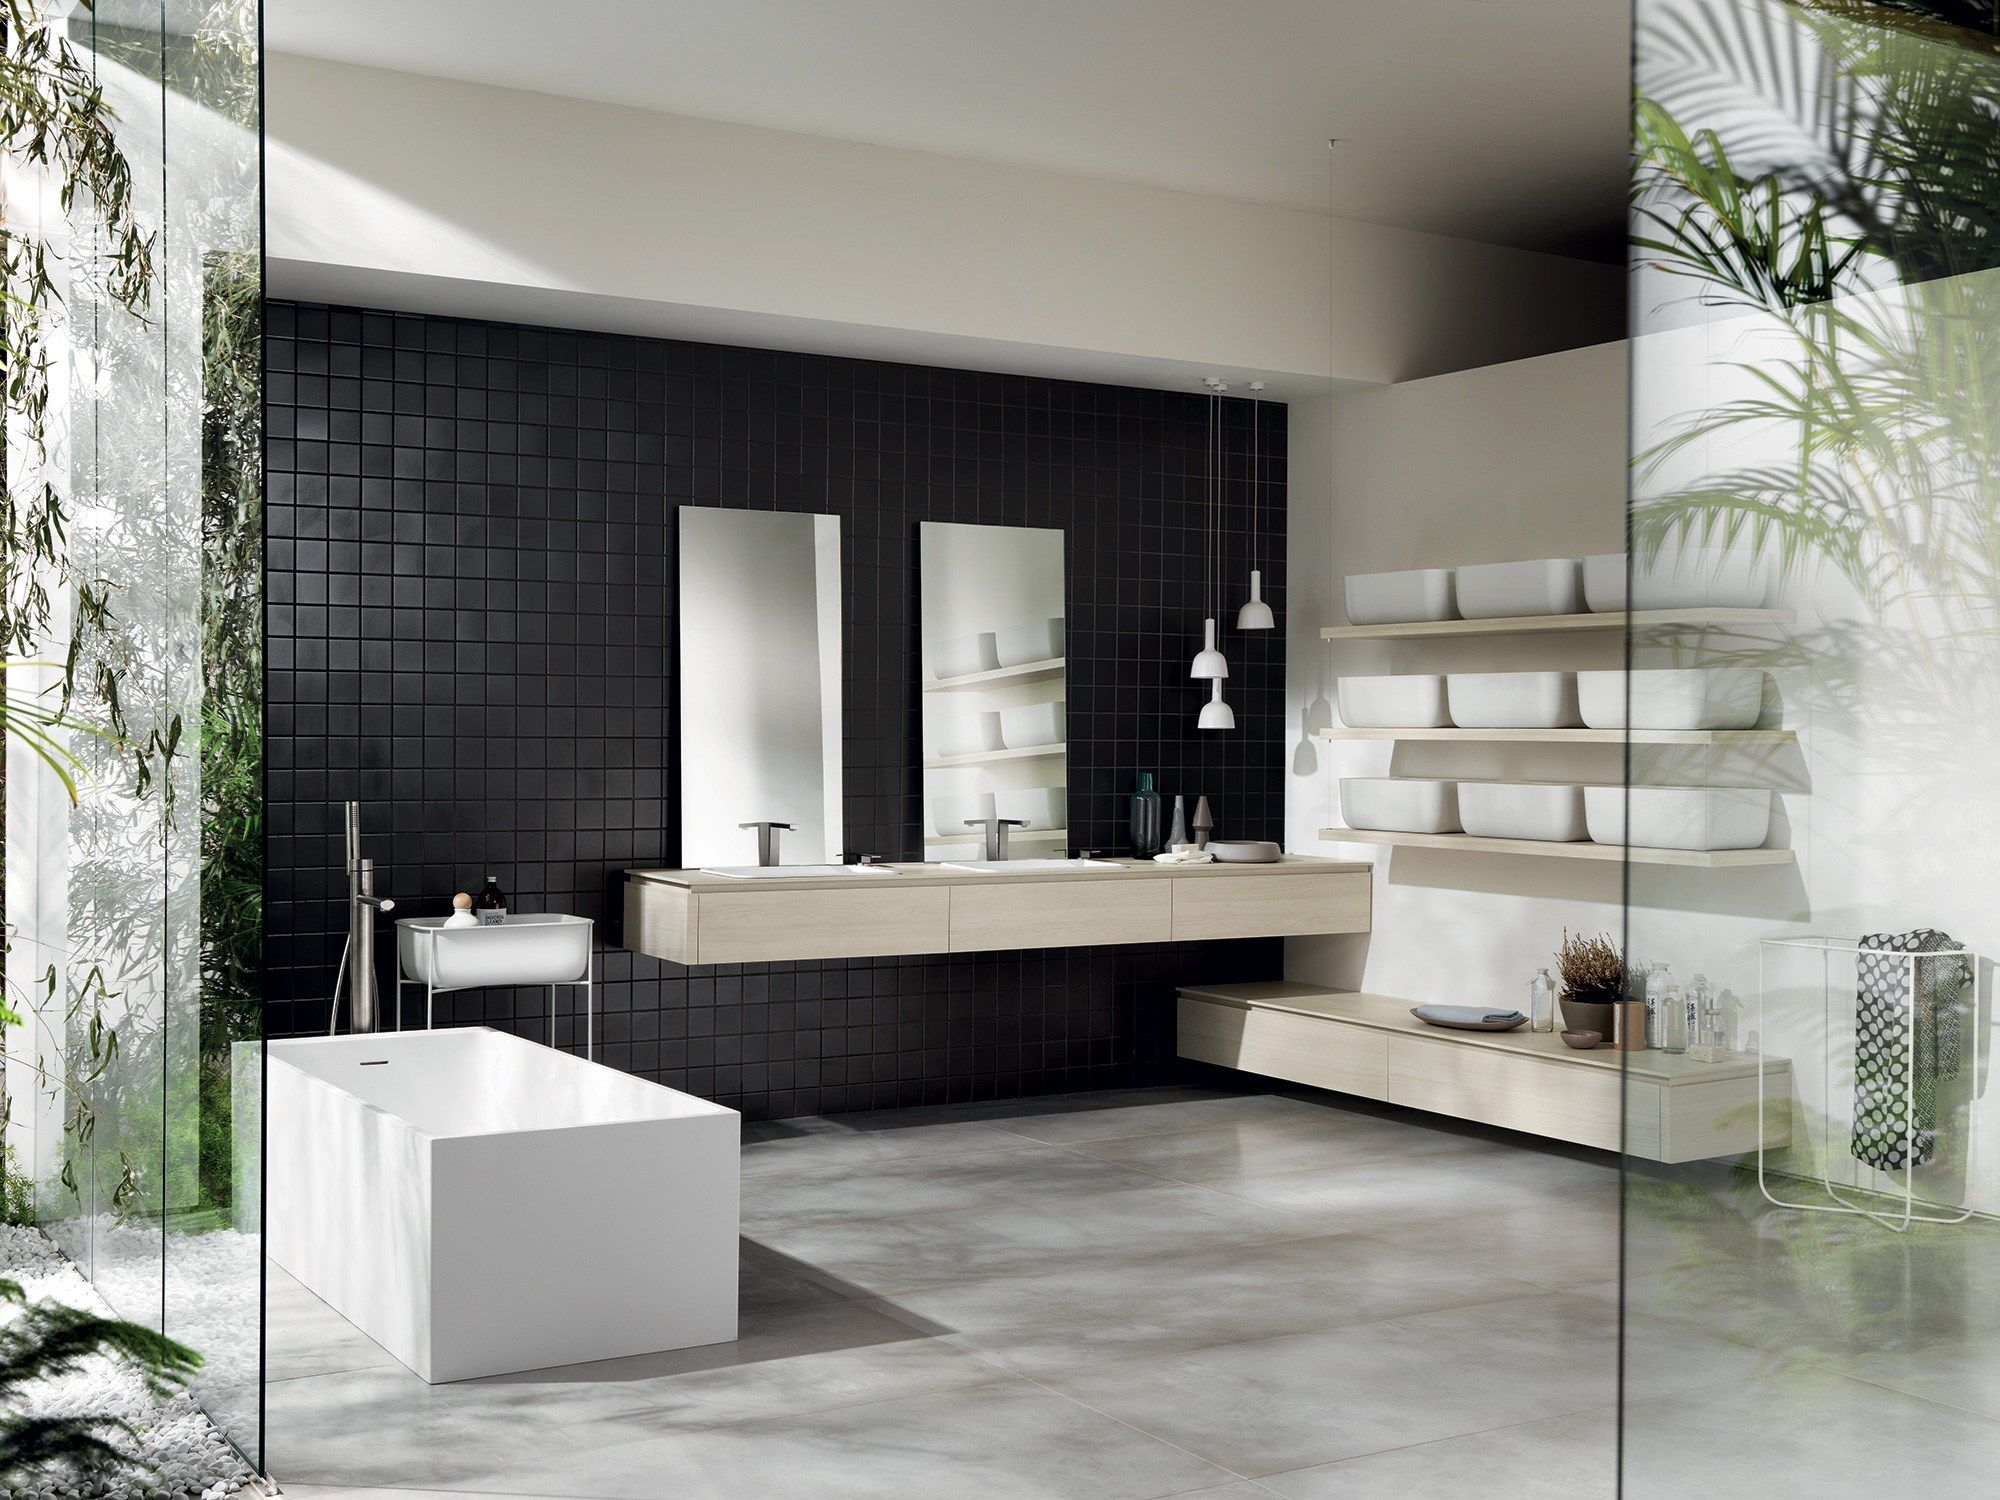 Badezimmer Ausstattung ~ Badezimmer ausstattung ki by scavolini bathrooms design nendo